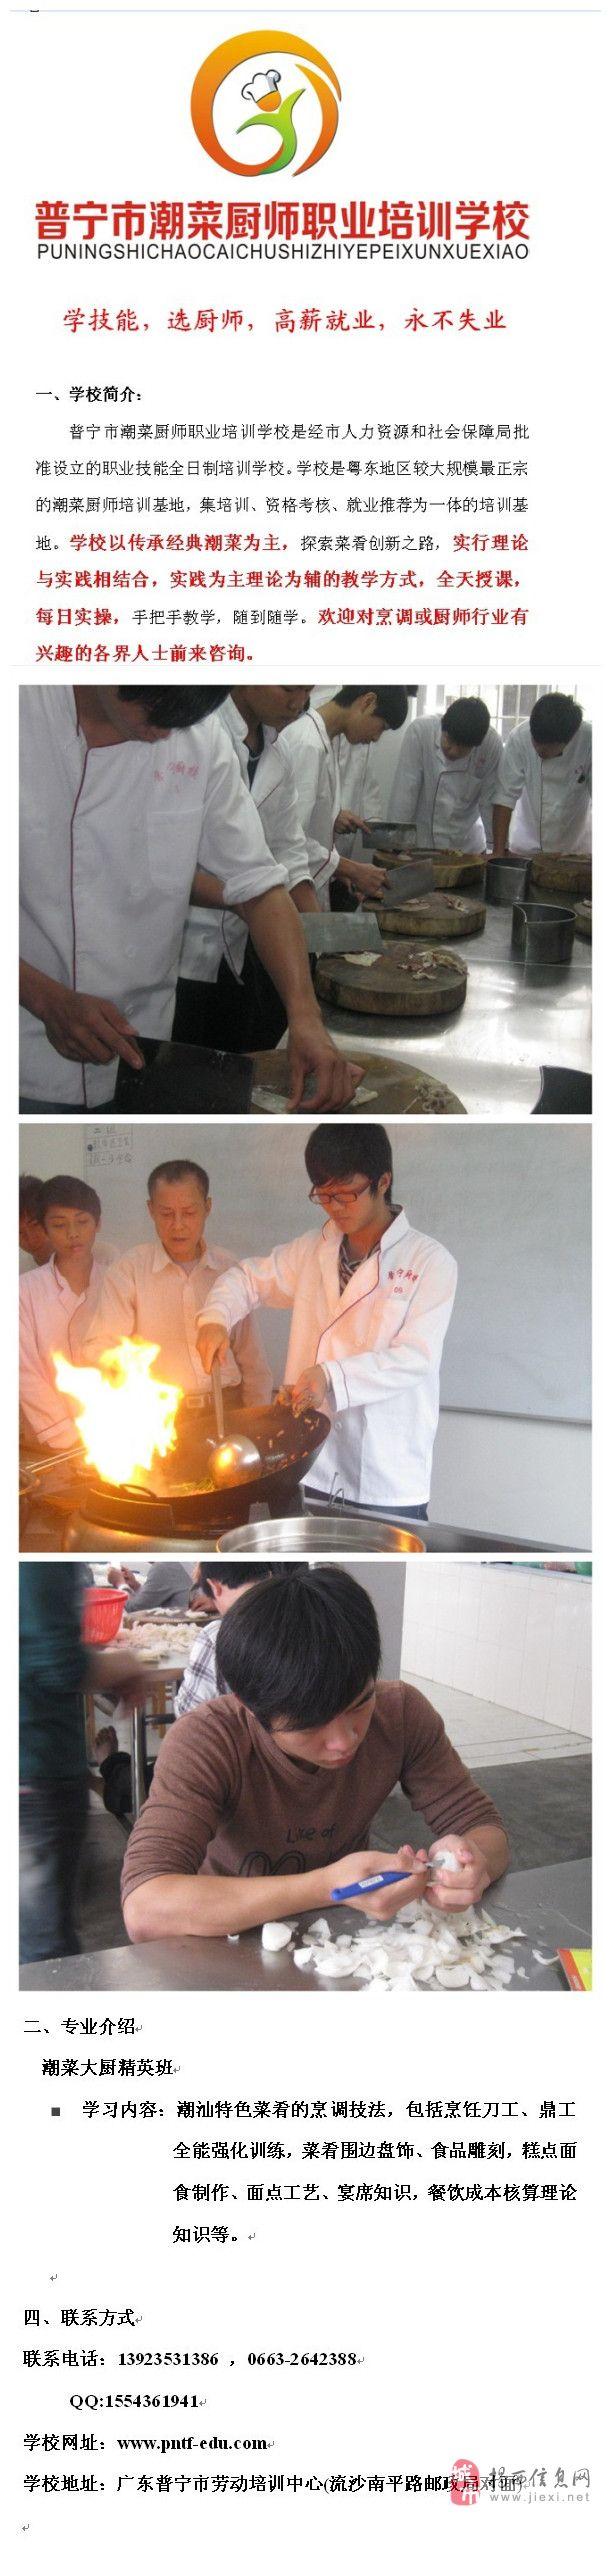 【招生】普寧市炒菜廚師培訓學校招生中